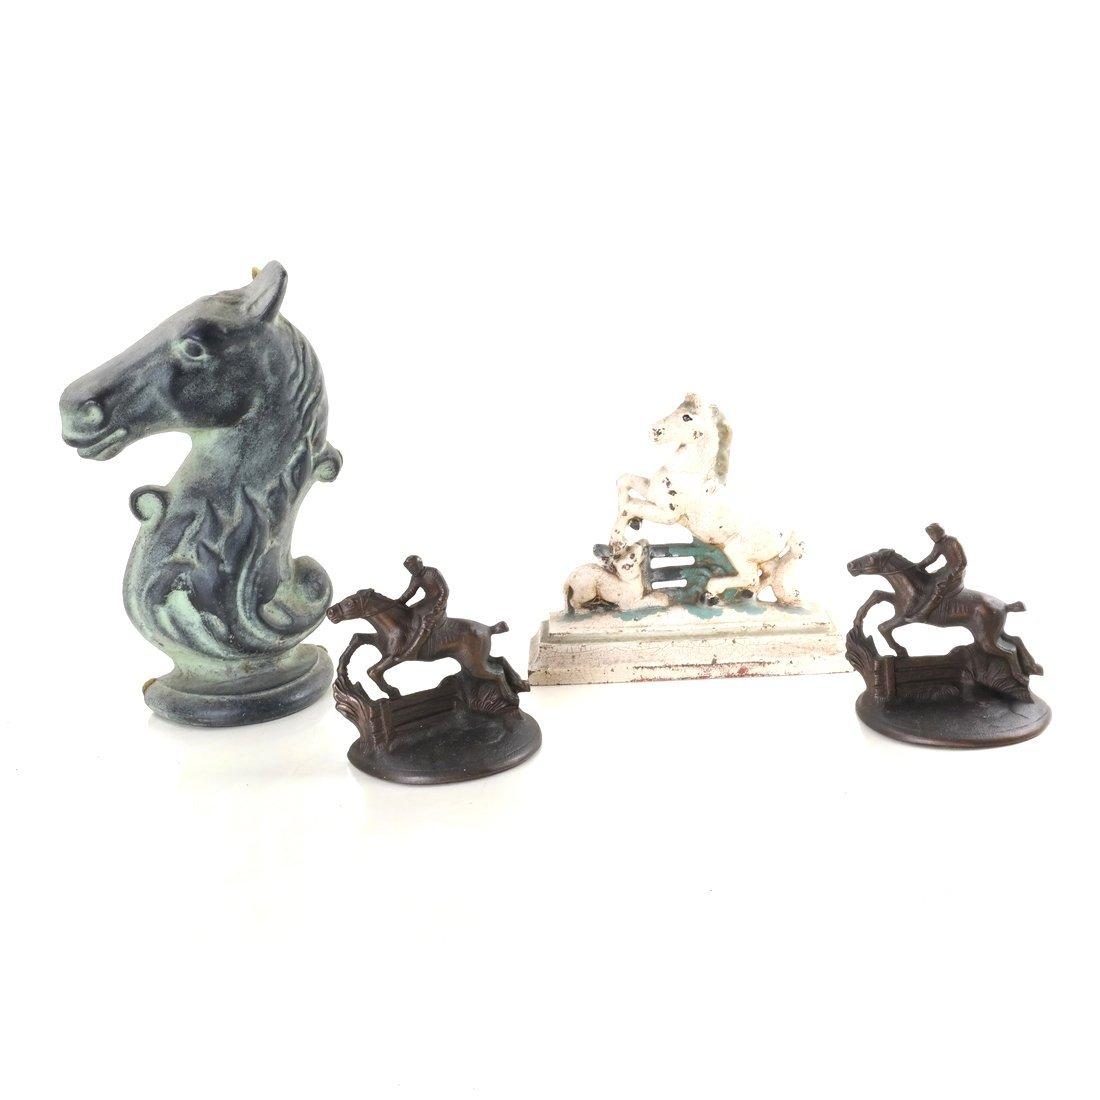 Four Cast Iron Horse Figures